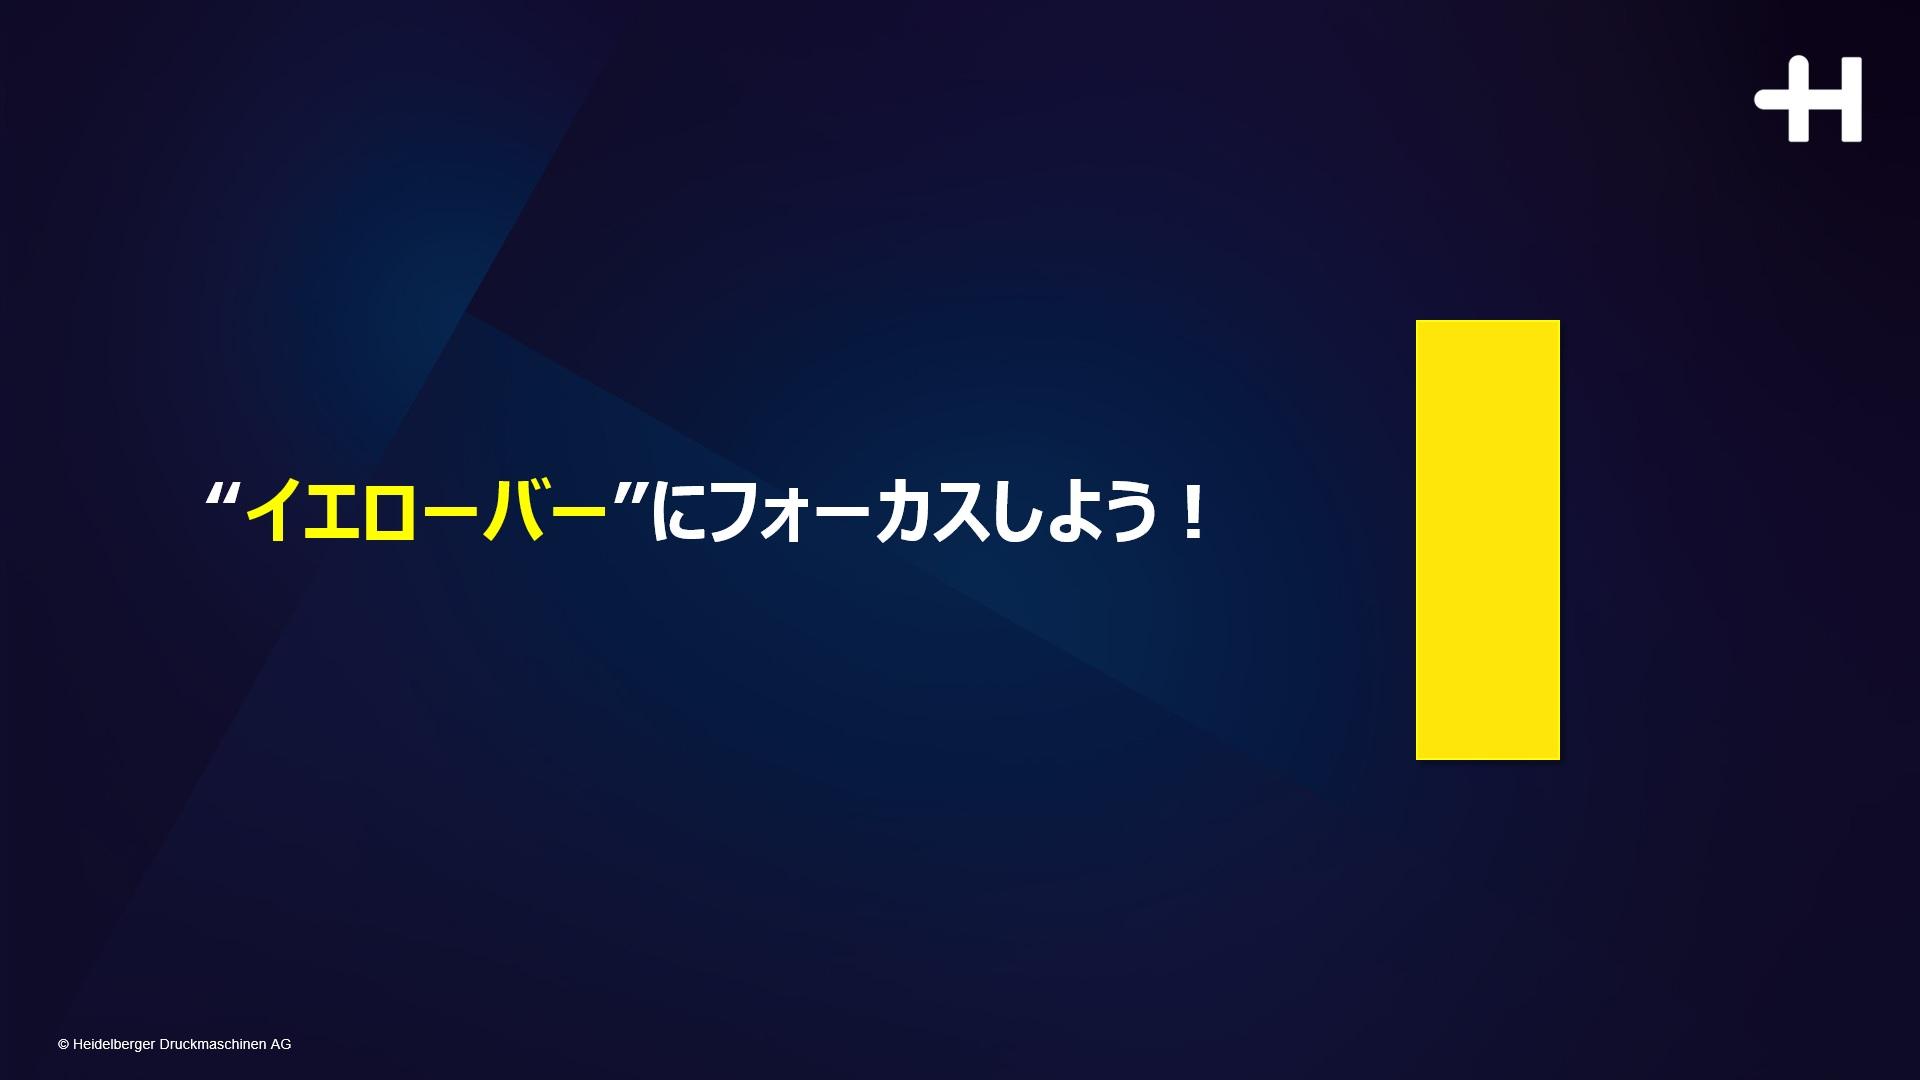 """""""イエローバー""""にフォーカスしよう!"""